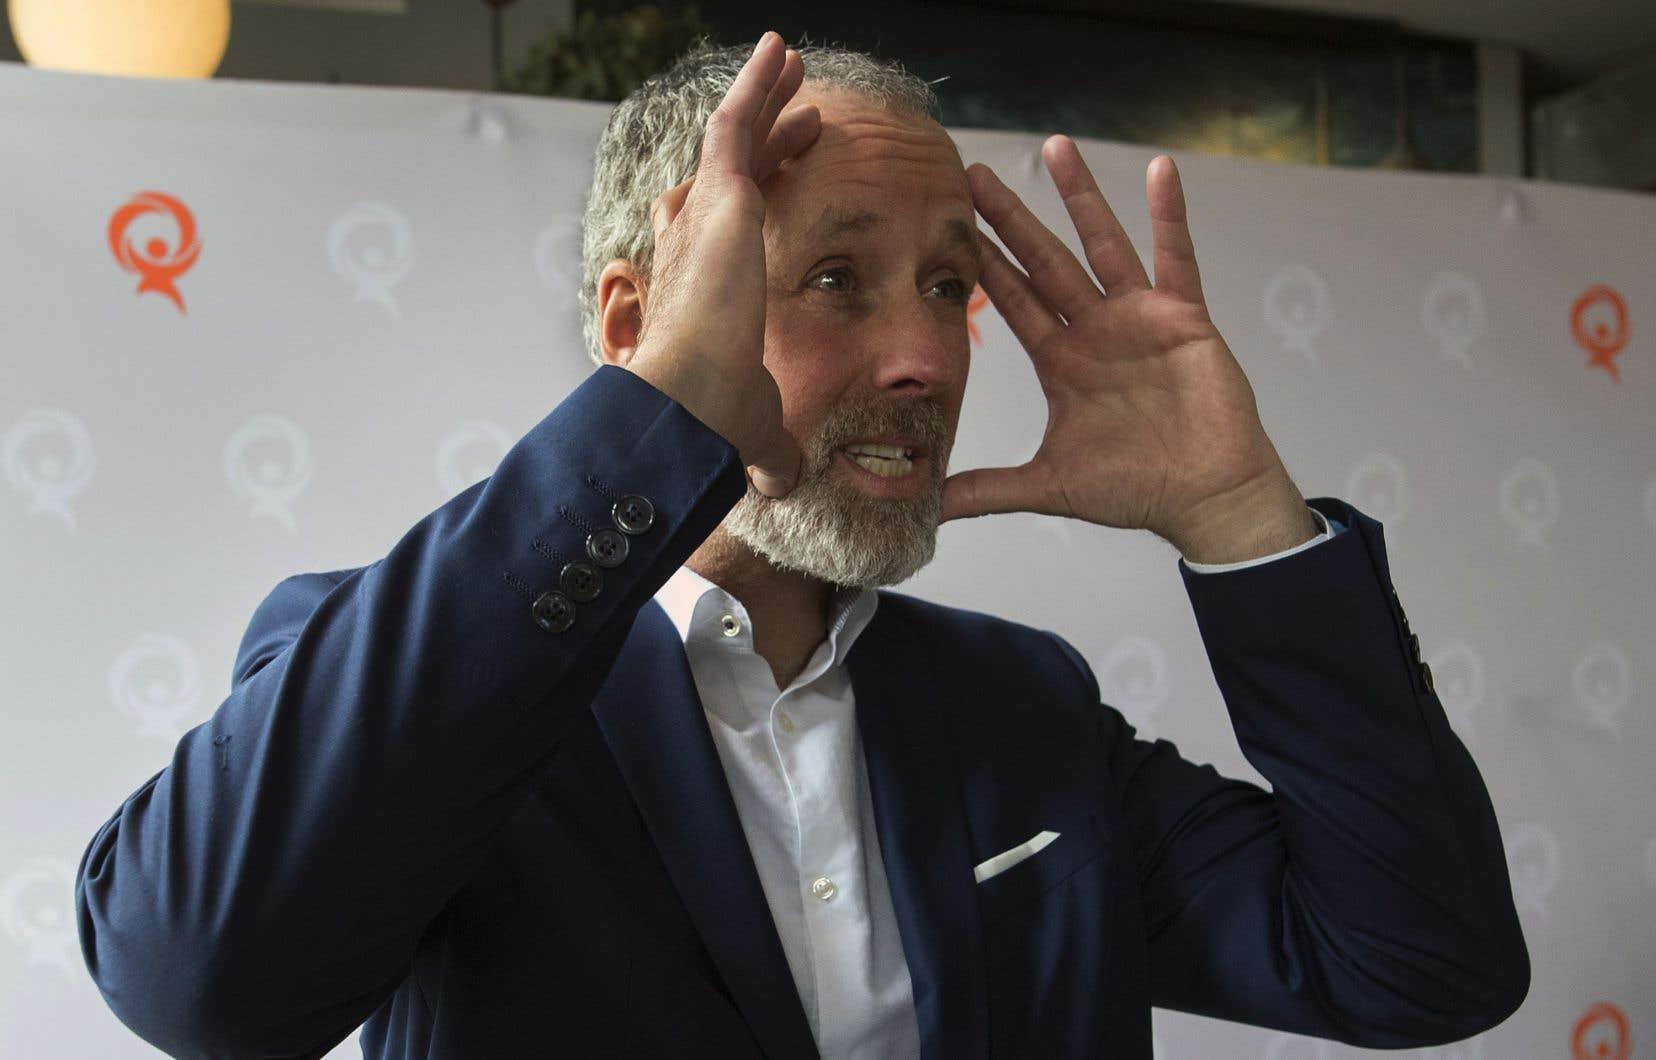 À sa toute première conférence de presse après s'être joint à Québec solidaire, l'ex-chroniqueur Vincent Marissal avait nié avoir «magasiné» auprès d'autres partis politiques, notamment le Parti libéral du Canada.